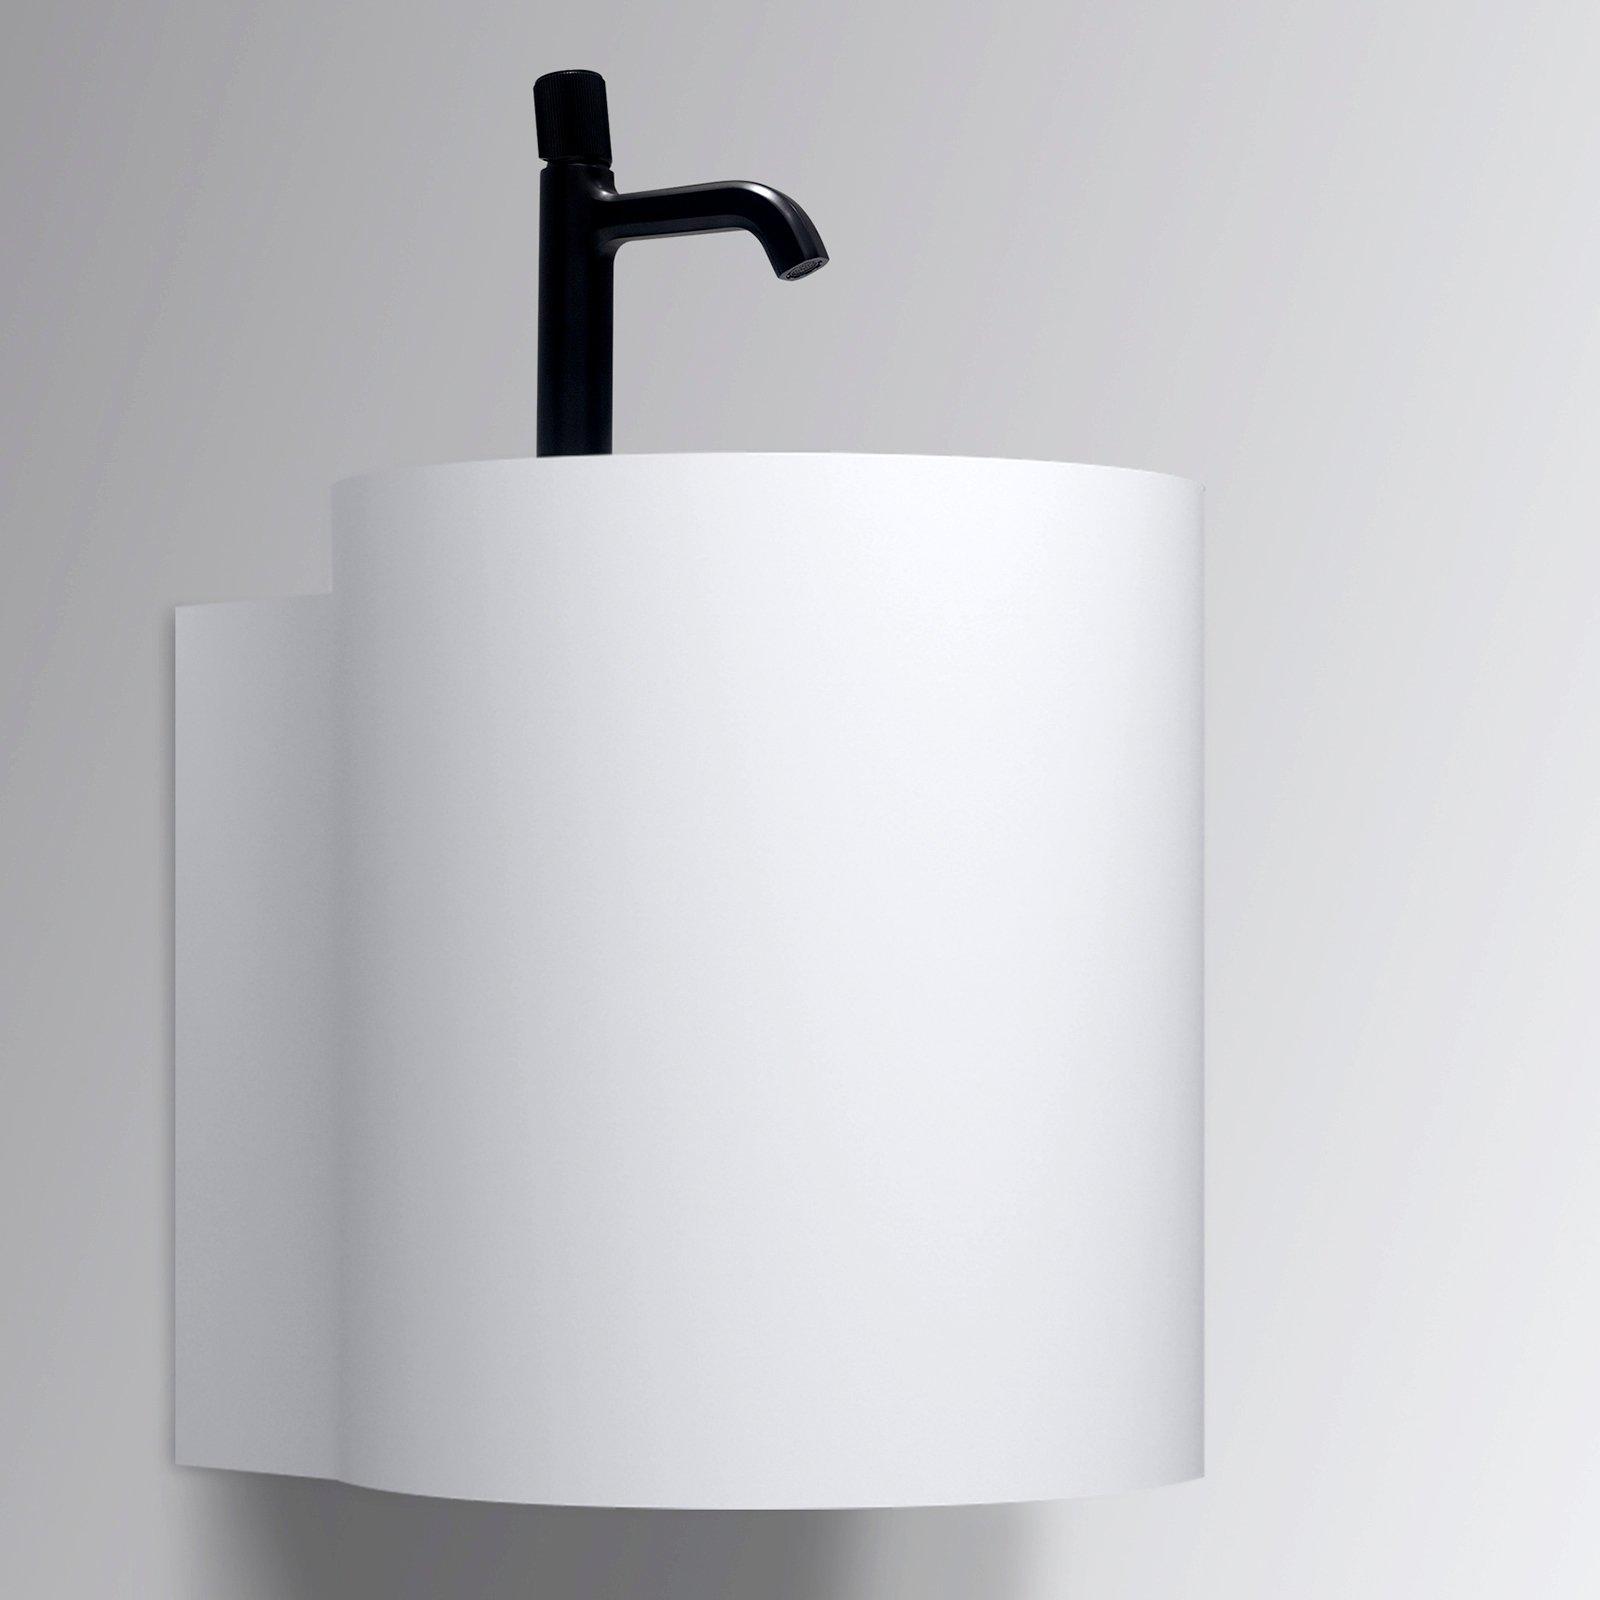 Wandwaschbecken NT2440 aus Mineralguss - 40 x 42 x 45 cm - Weiß matt zoom thumbnail 3